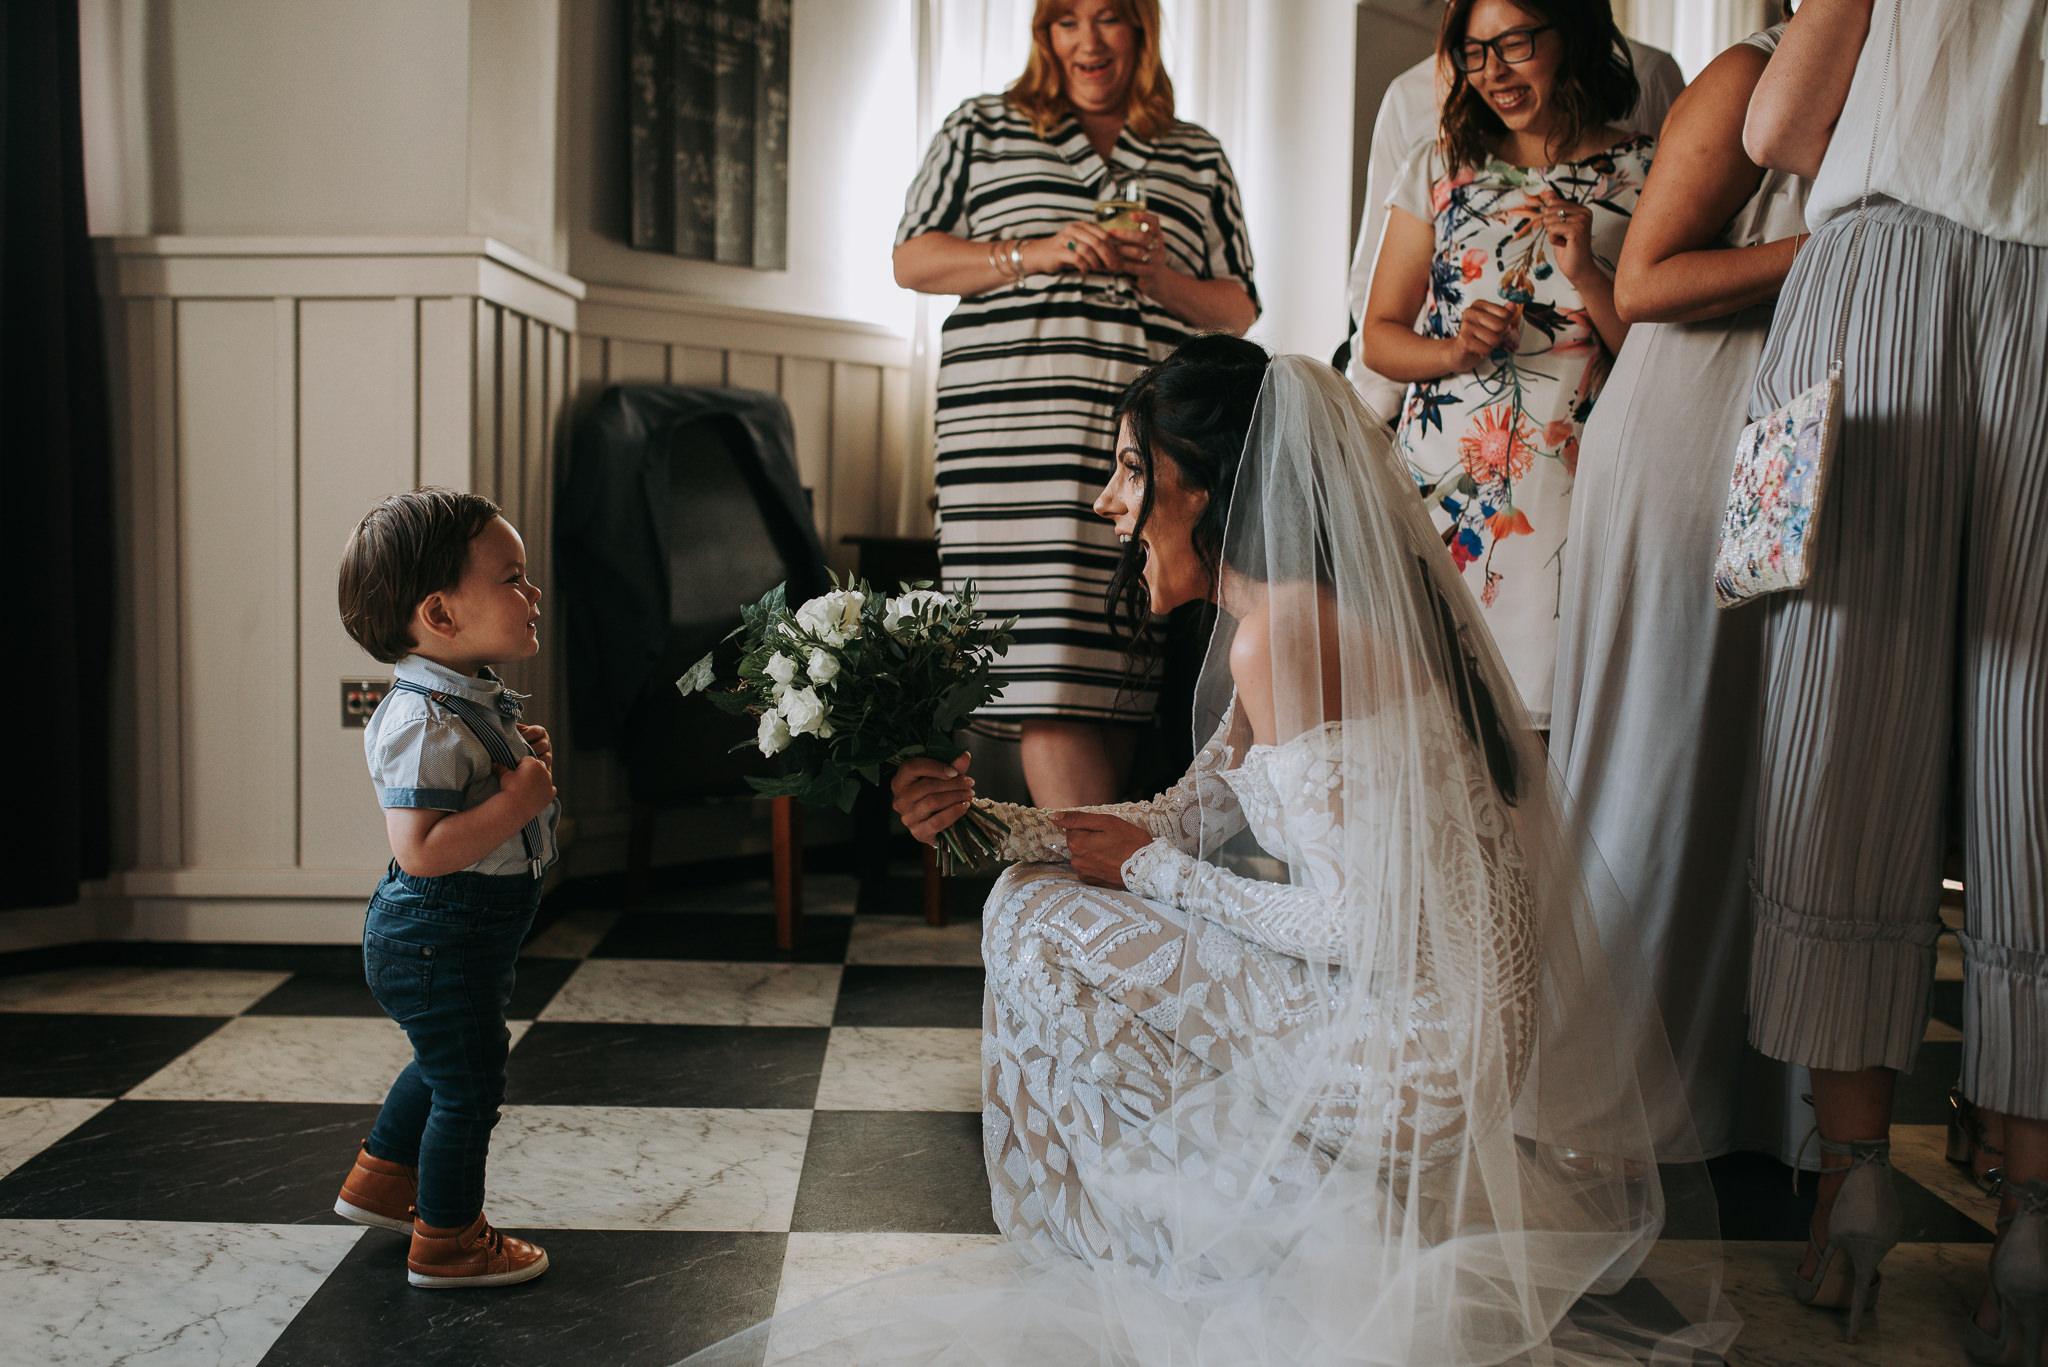 leeds-reportage-wedding-photography-24.jpg